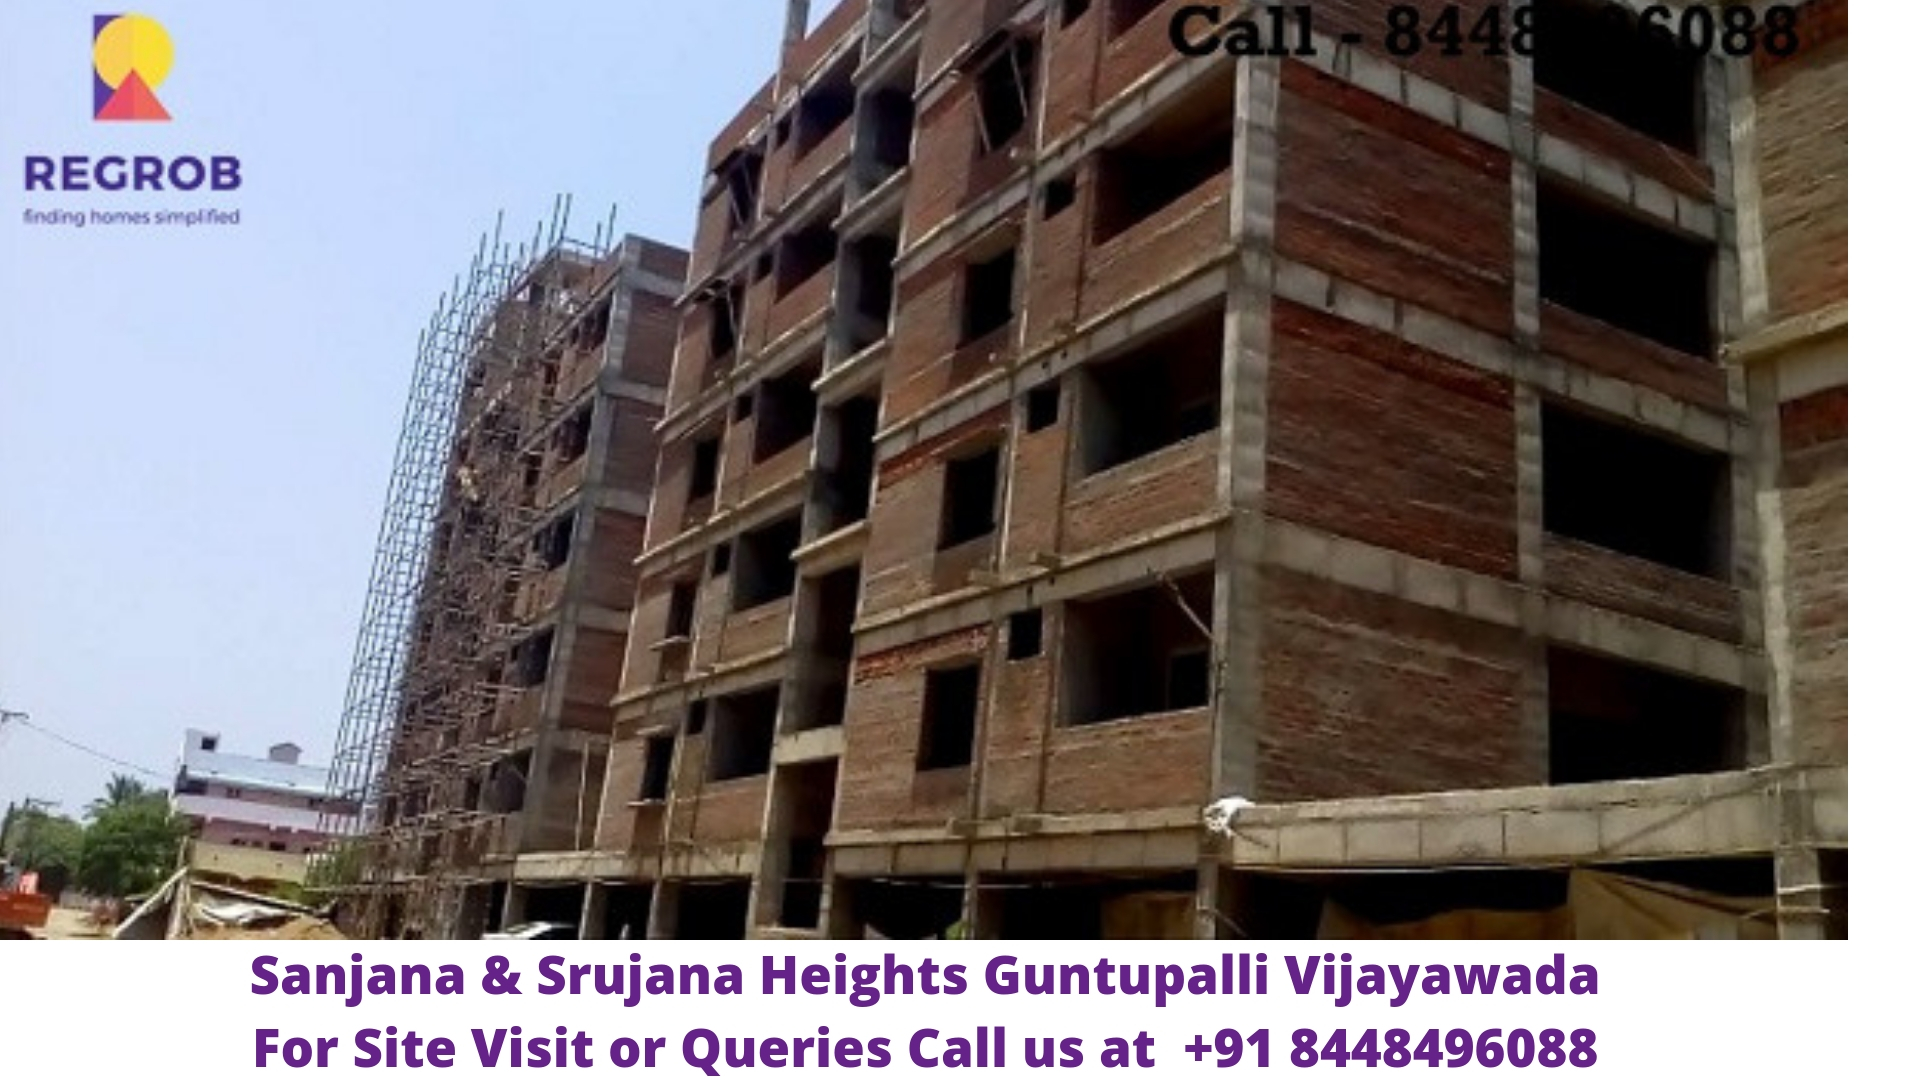 Sanjana & Srujana Heights Guntupalli Vijayawada